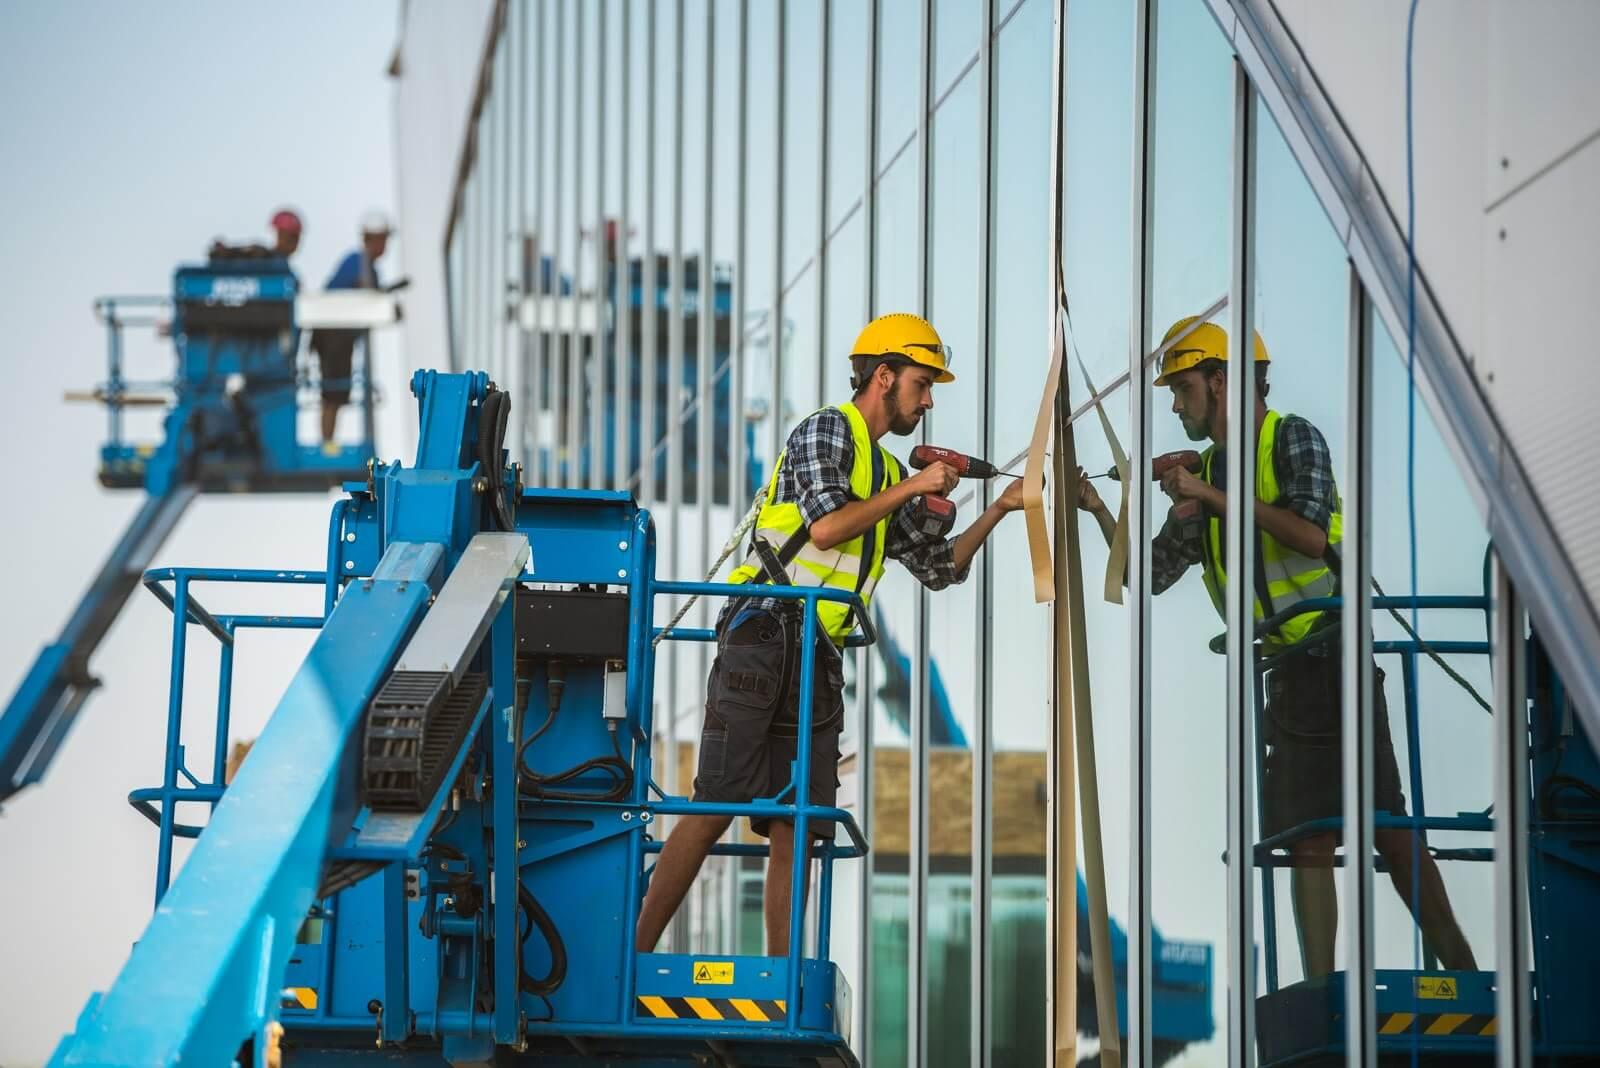 Kapacitásnövelést és technológiai fejlesztést vár a kormány az építőipari cégektől